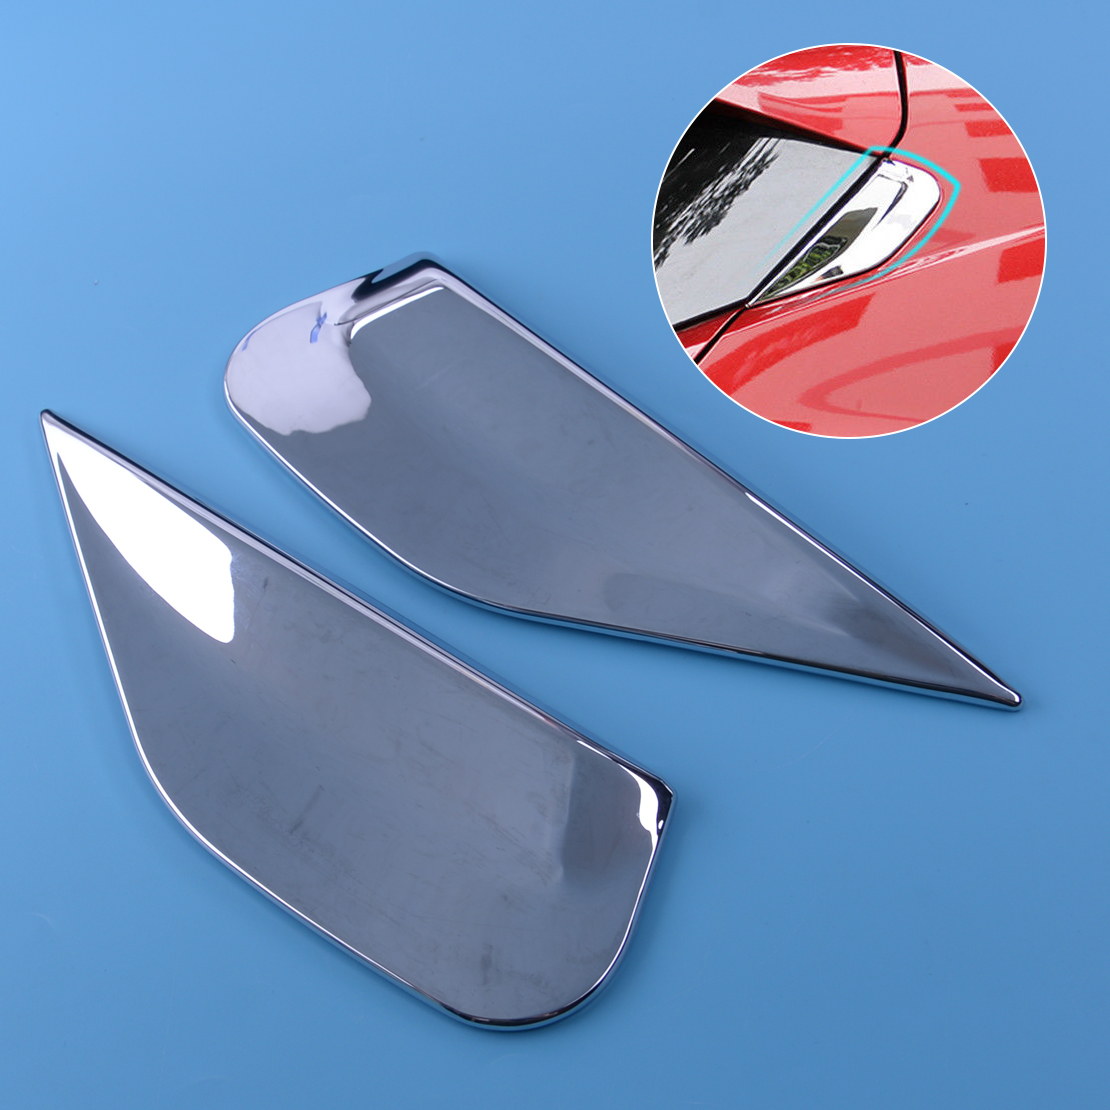 For Buick Encore Opel Vauxhall Mokka Chrome Rear Window Spoiler Cover Trim Bevel